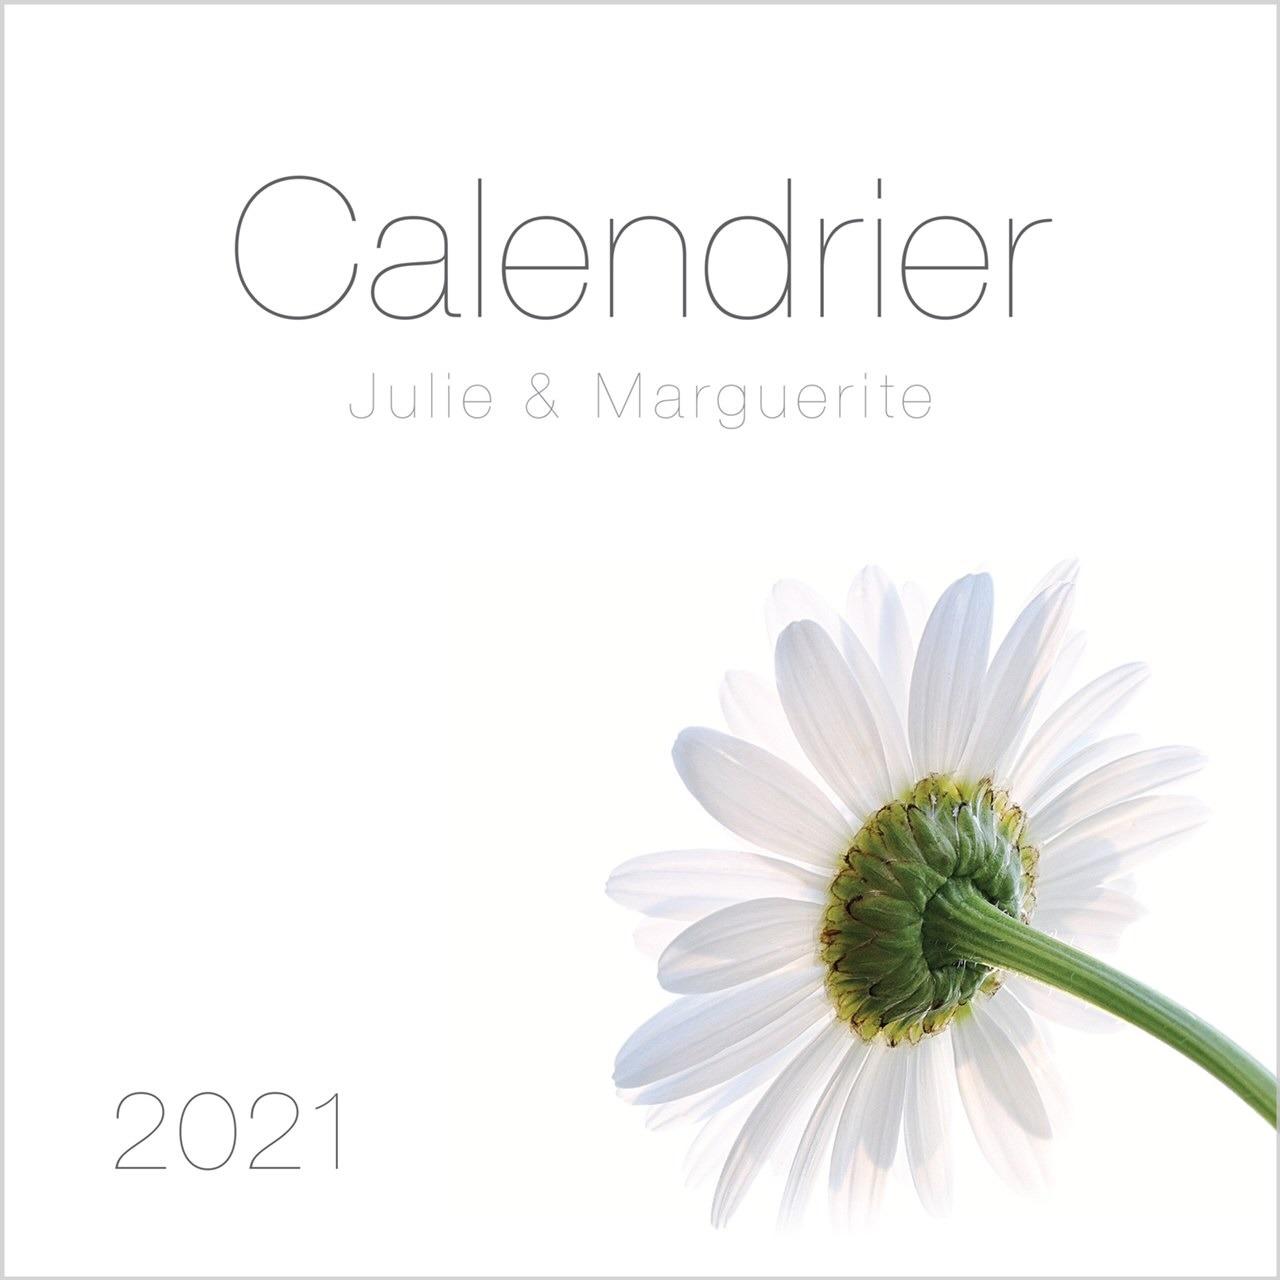 Julie et Marguerite photo Calendrier 2021